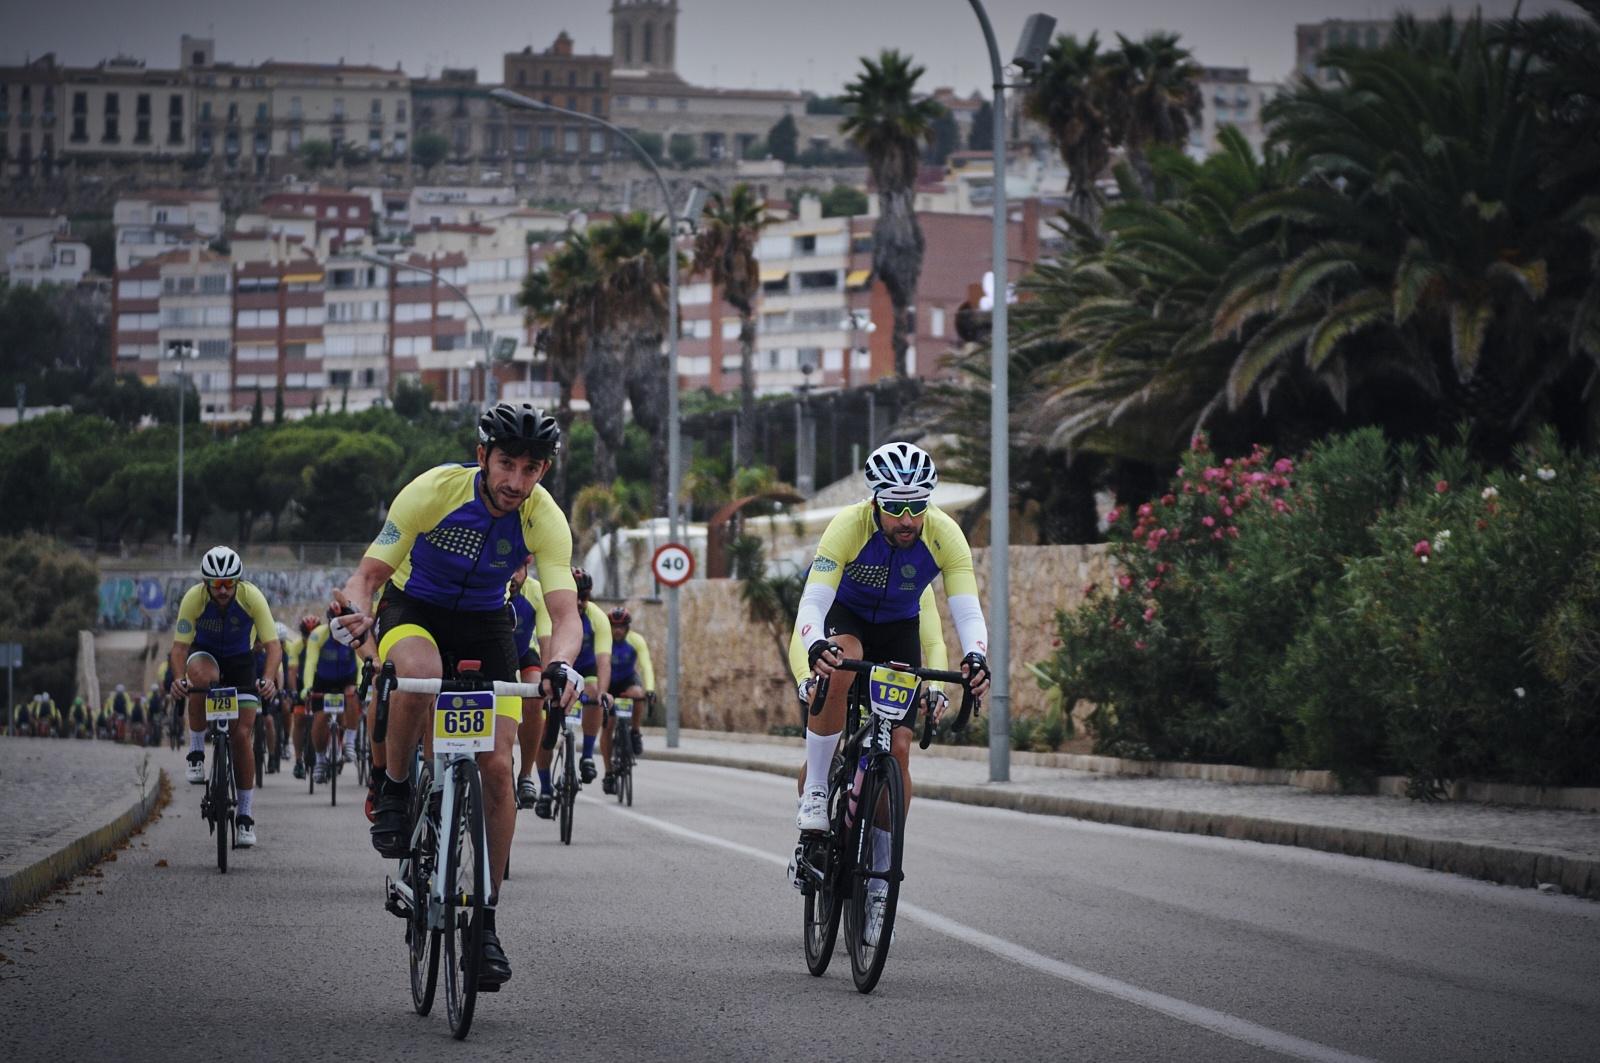 Gran fondo Tarraco 2019 - QuieroMisFotos.com - Sergio Tomico, Photography